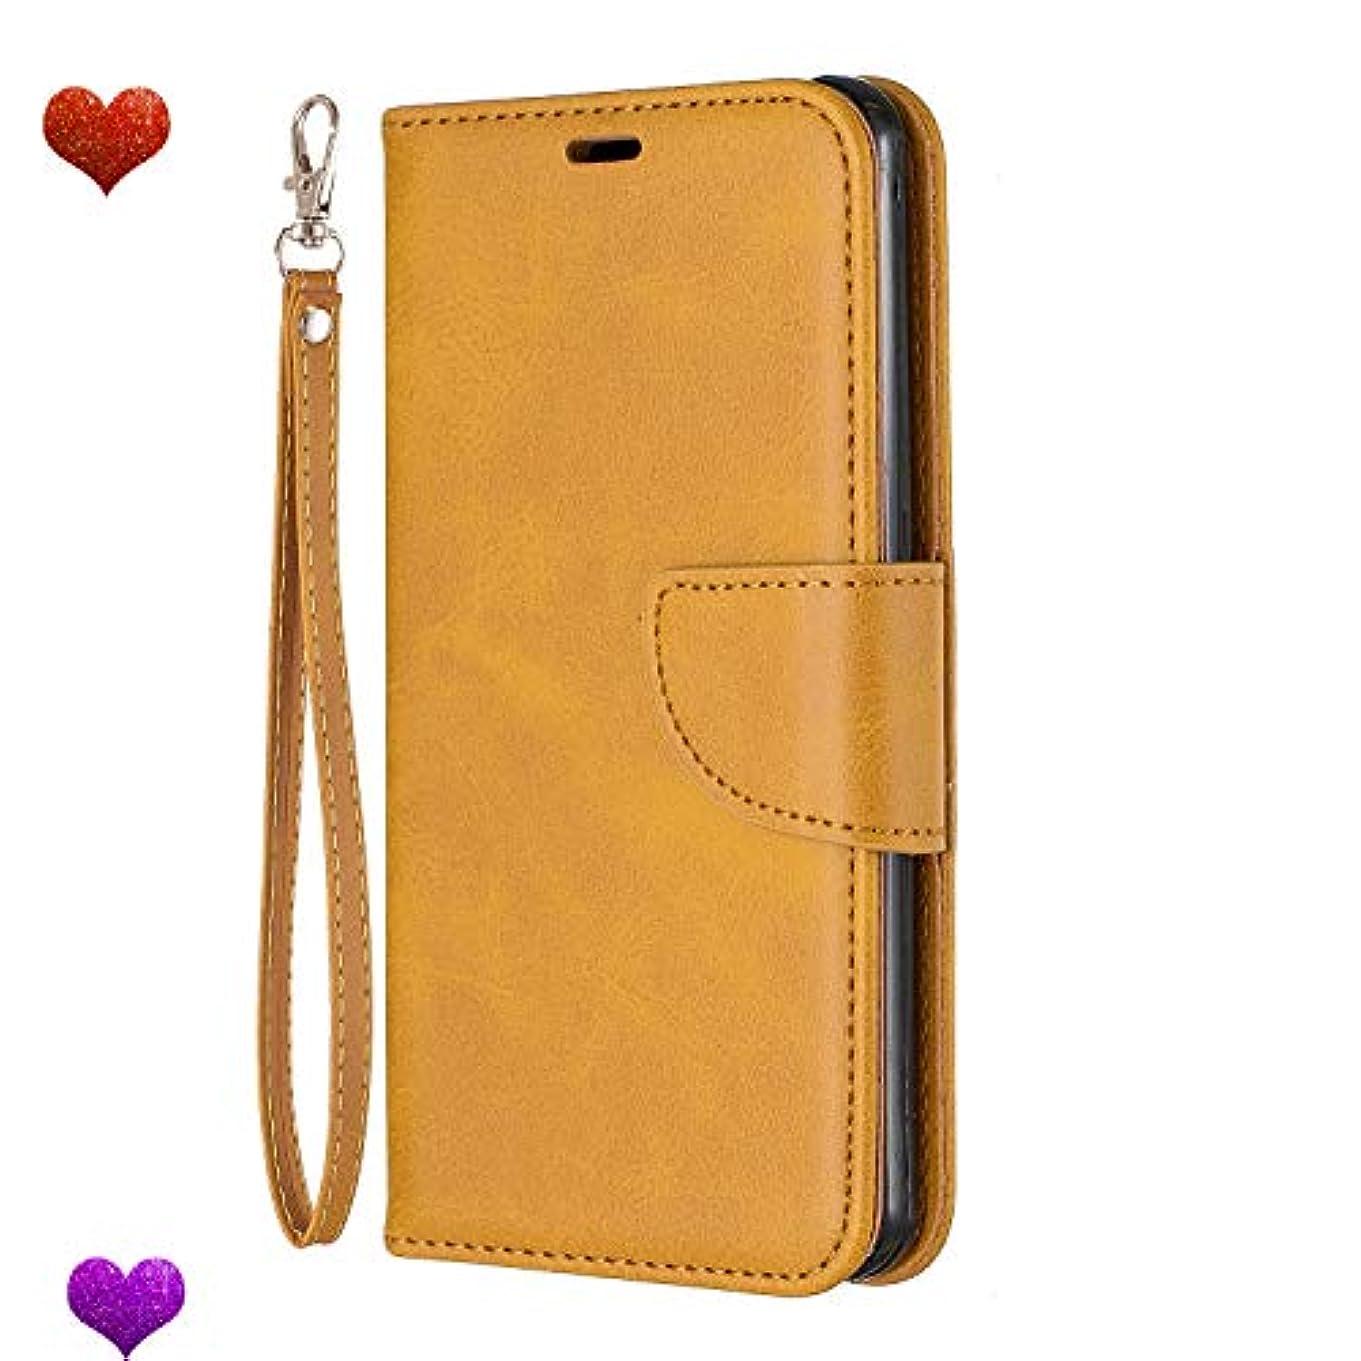 治す険しい私たちのSamsung Galaxy A3 2017 ケース 手帳型 本革 レザー カバー 財布型 スタンド機能 カードポケット 耐摩擦 耐汚れ 全面保護 人気 アイフォン